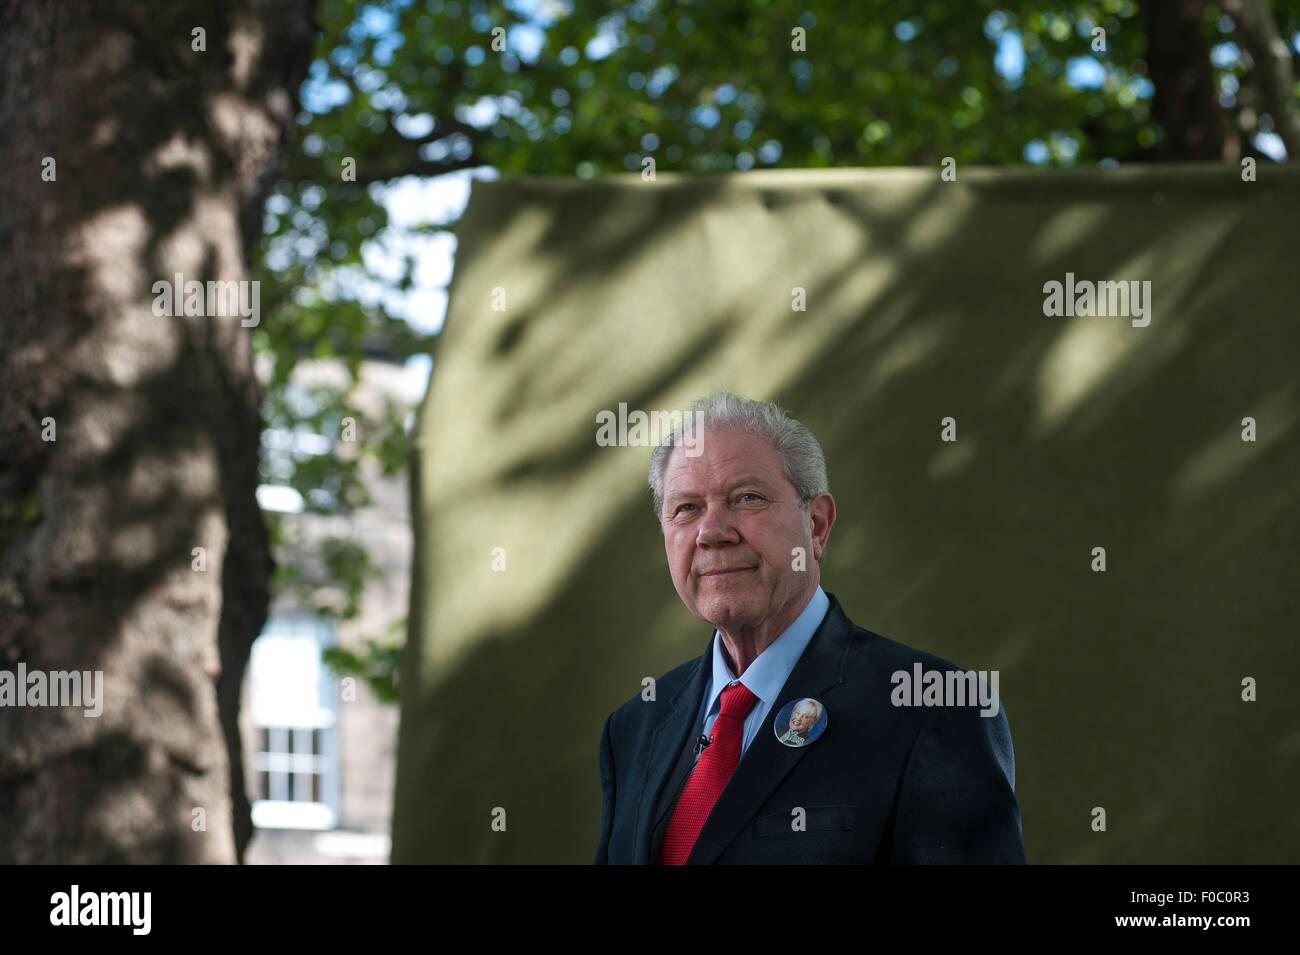 El político escocés, Jim Sillars, presentándose en el Festival Internacional del Libro de Edimburgo. Imagen De Stock